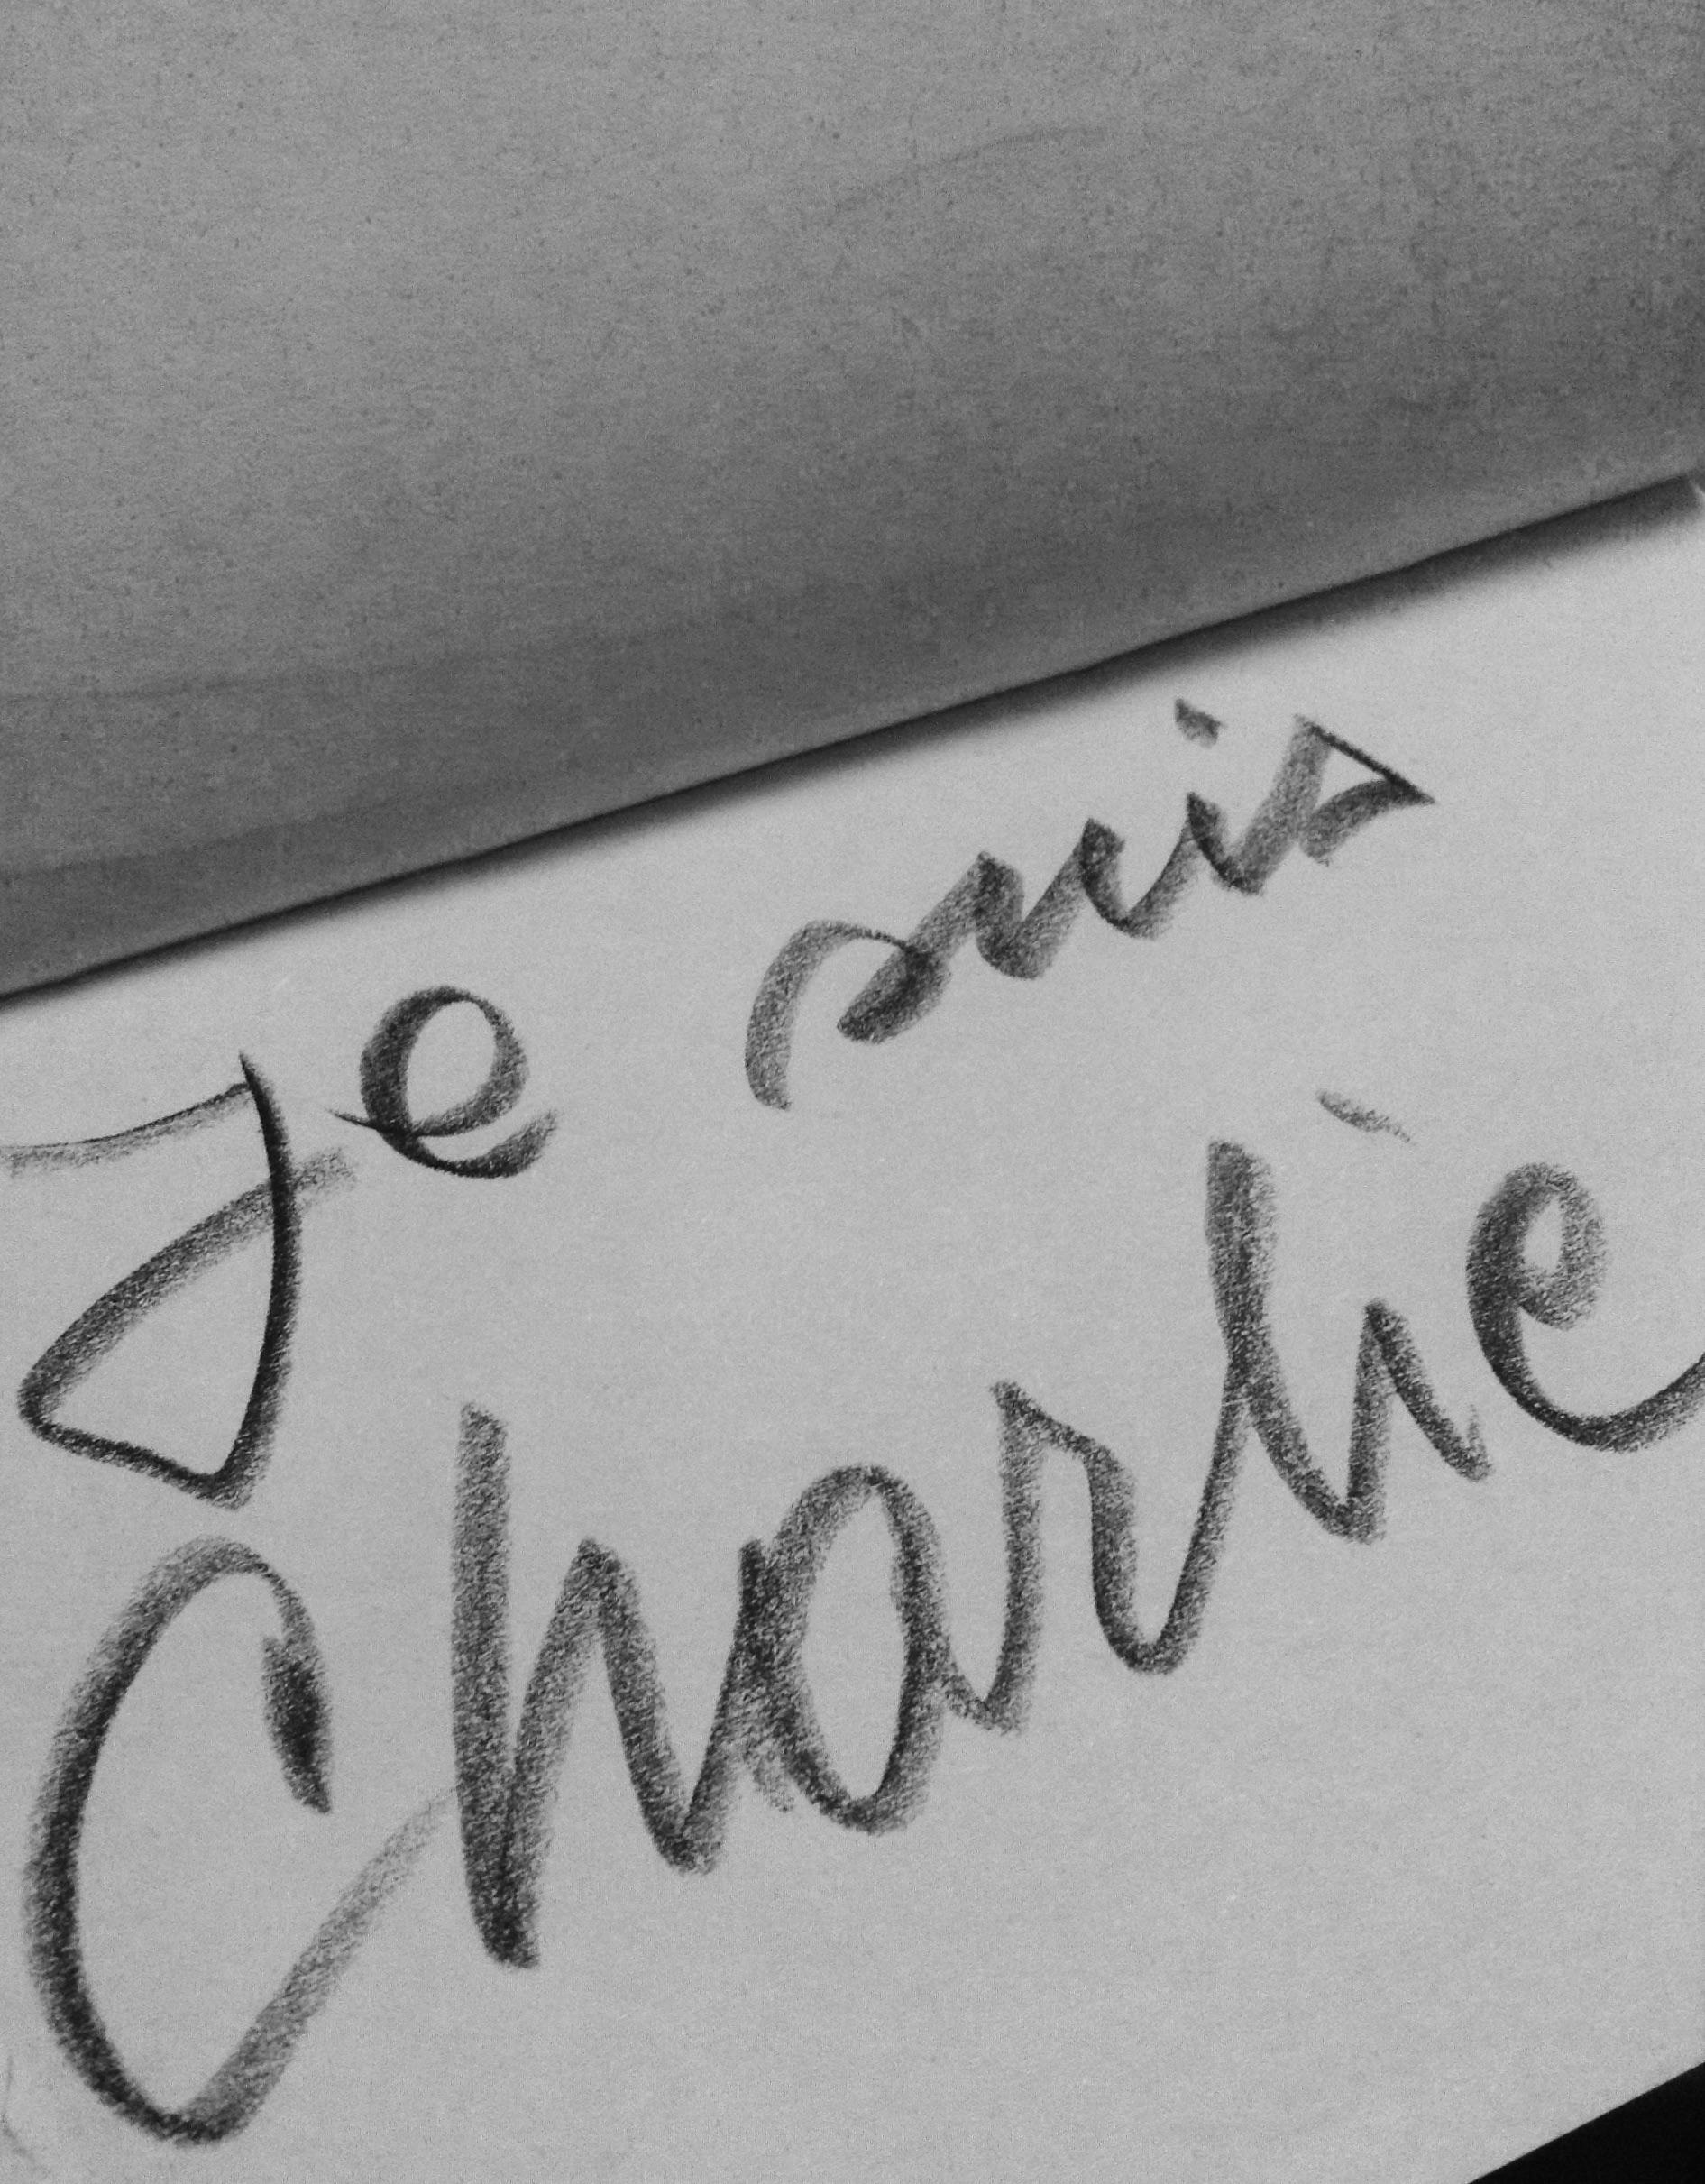 Je suis Charlie @ Paris